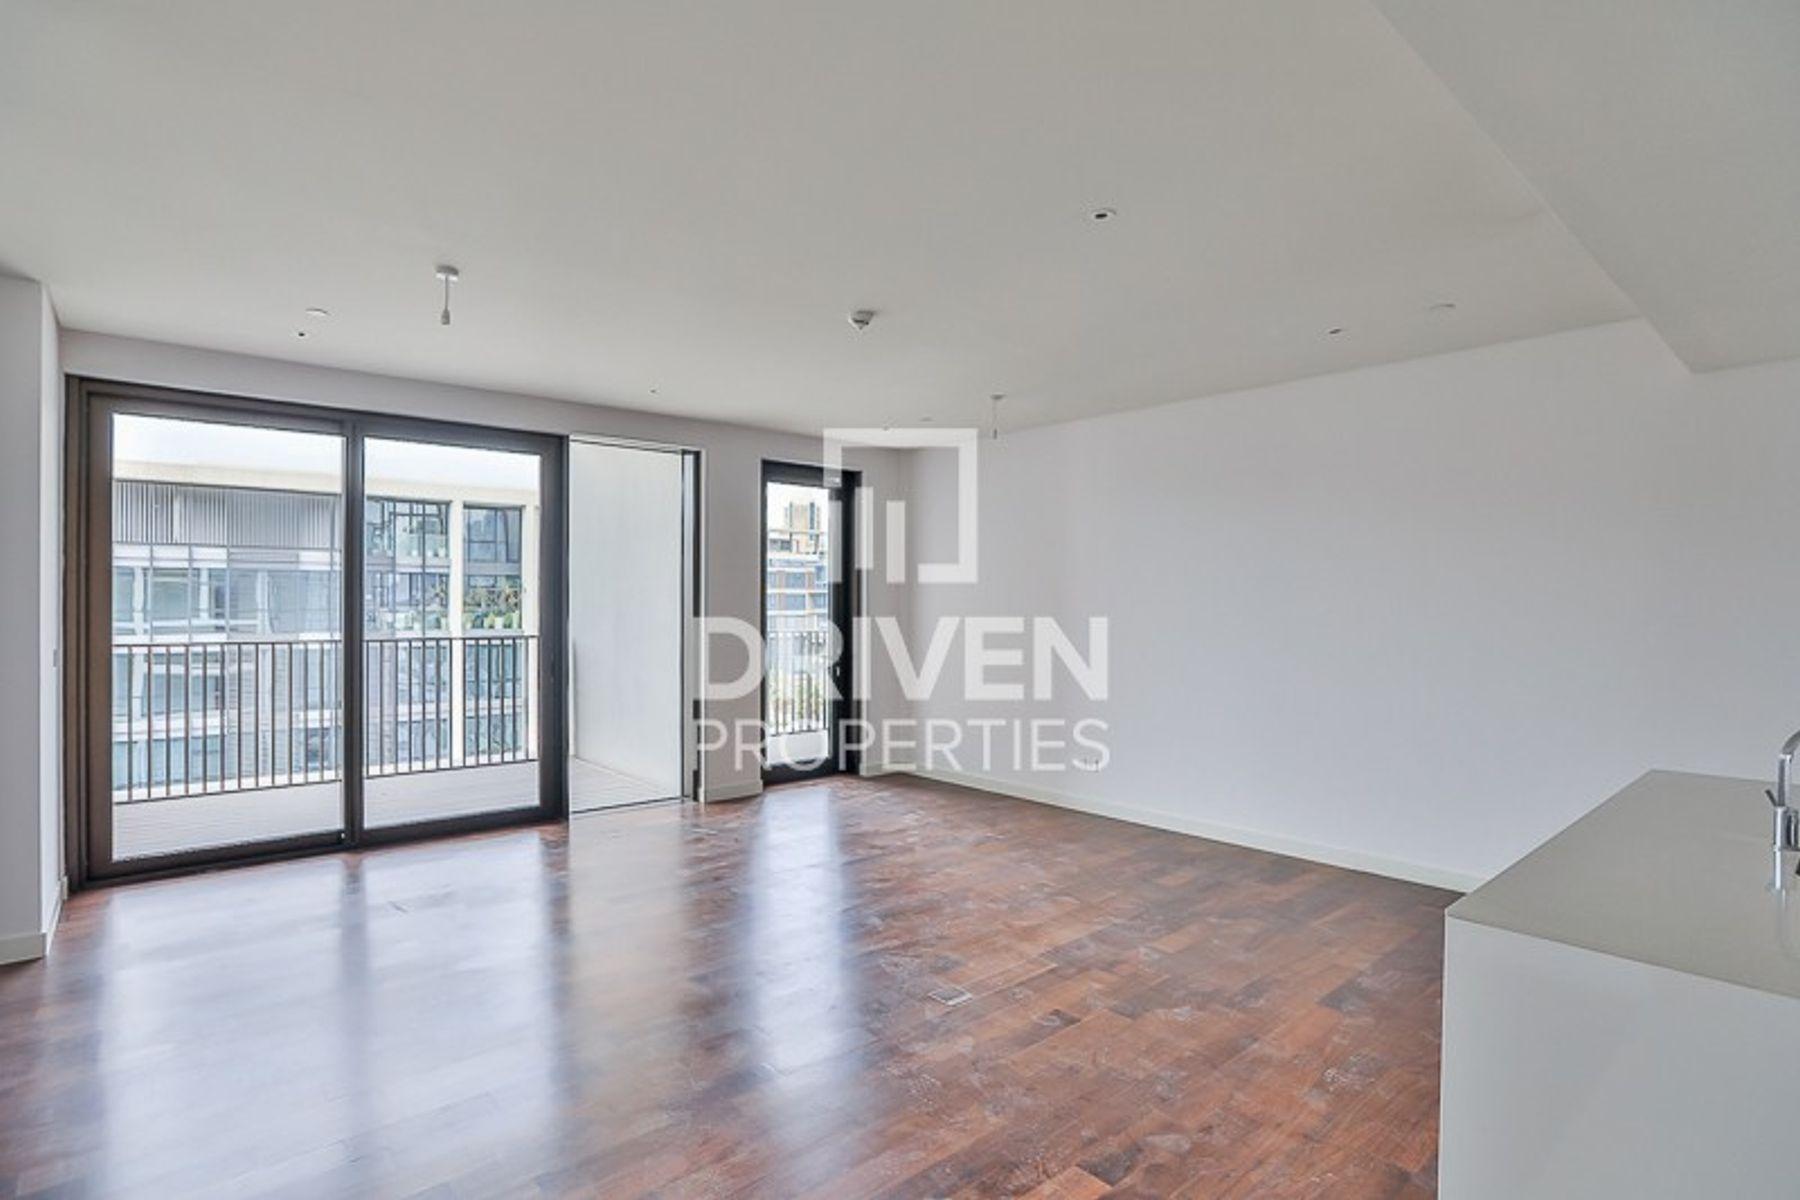 1,960 قدم مربع  شقة - للبيع - سيتي ووك